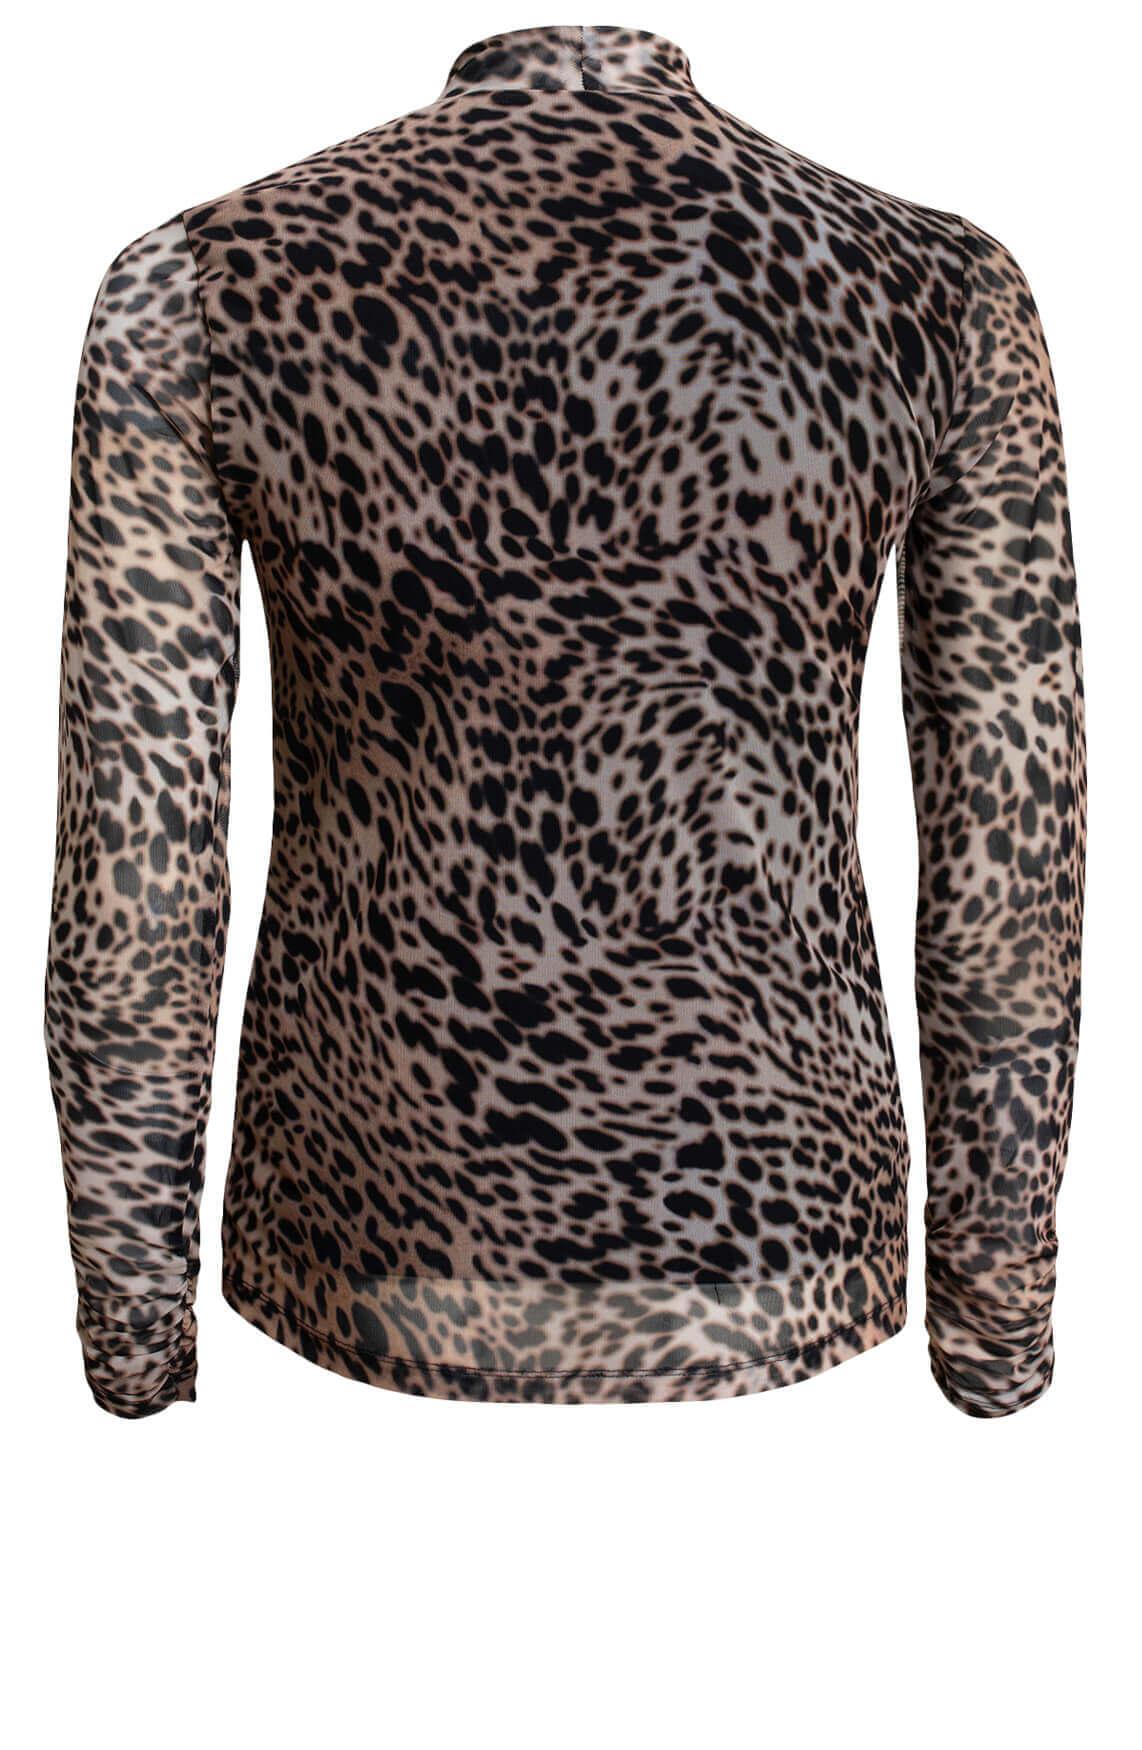 Anna Dames Mesh shirt met animalprint Bruin